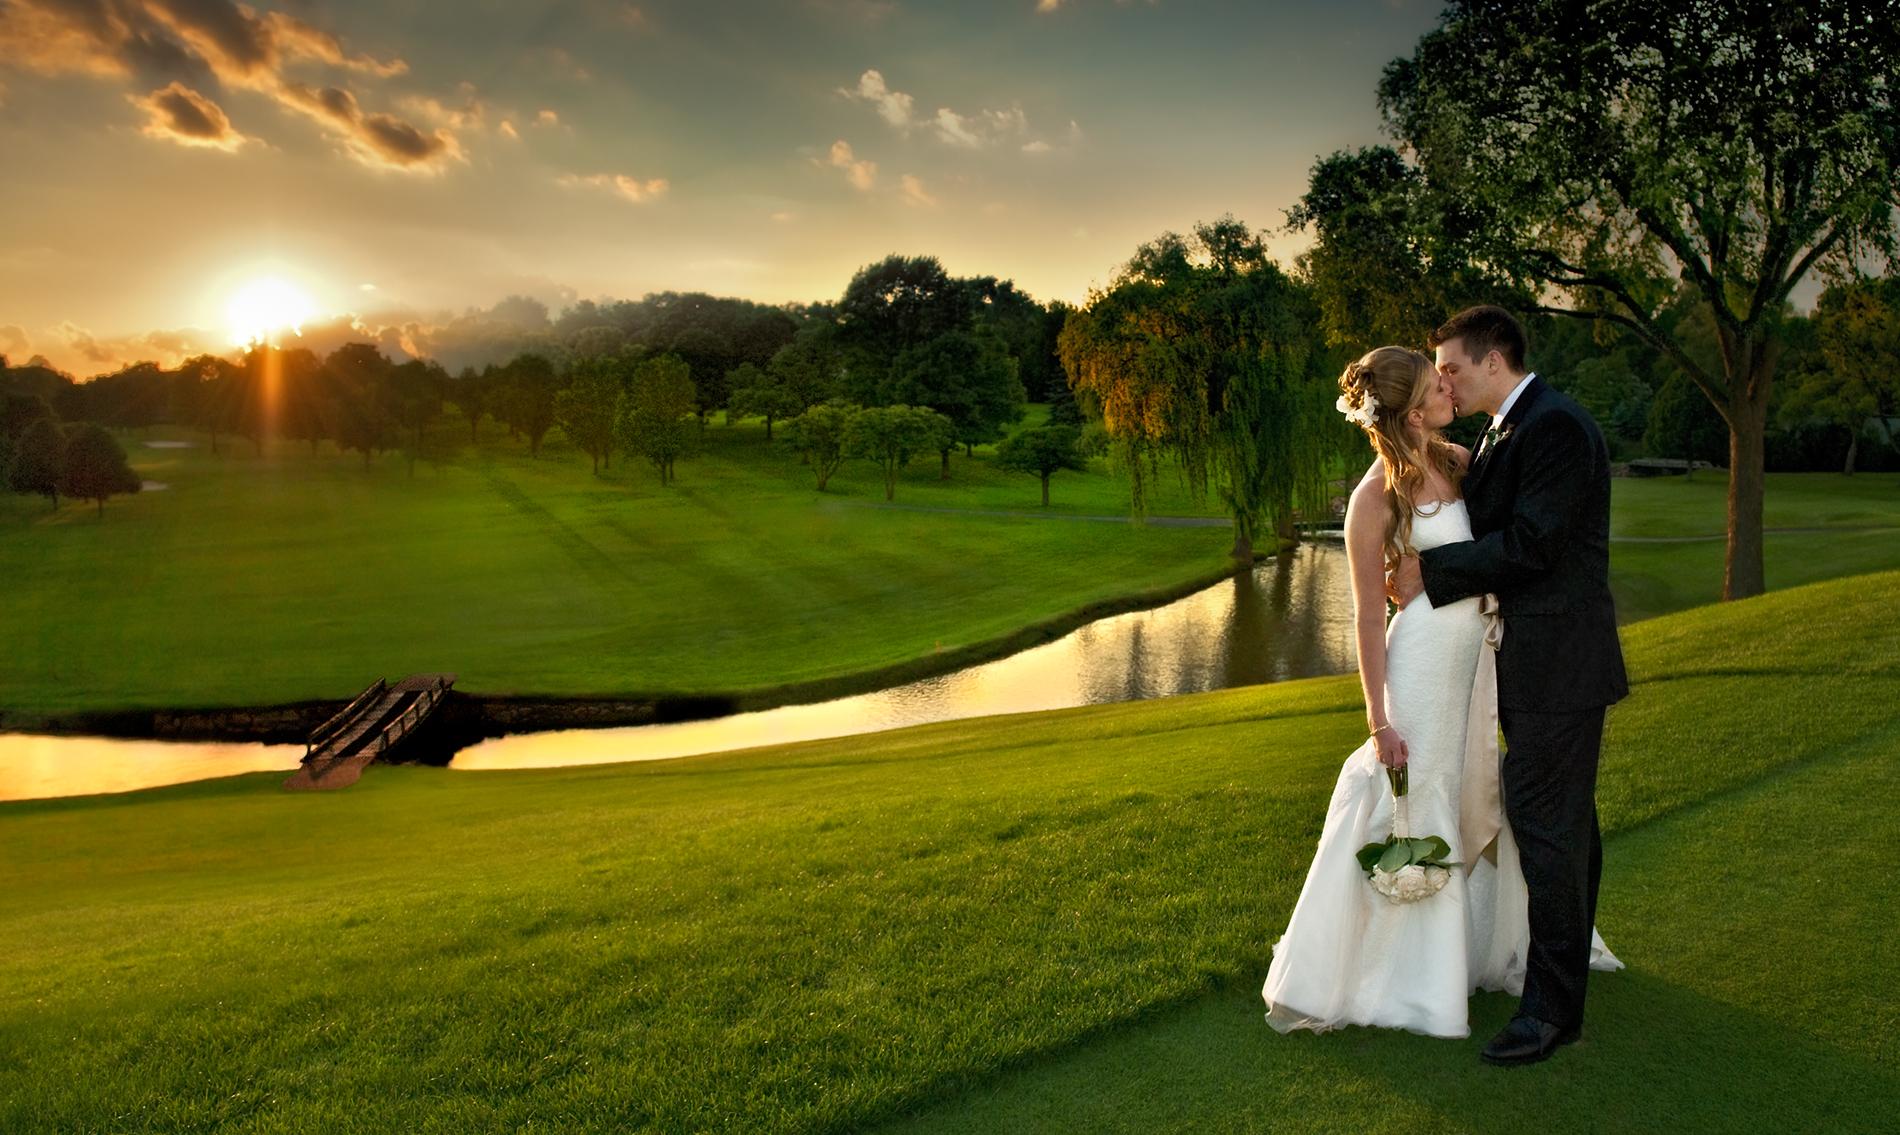 Wedding by fotografz in fotografz